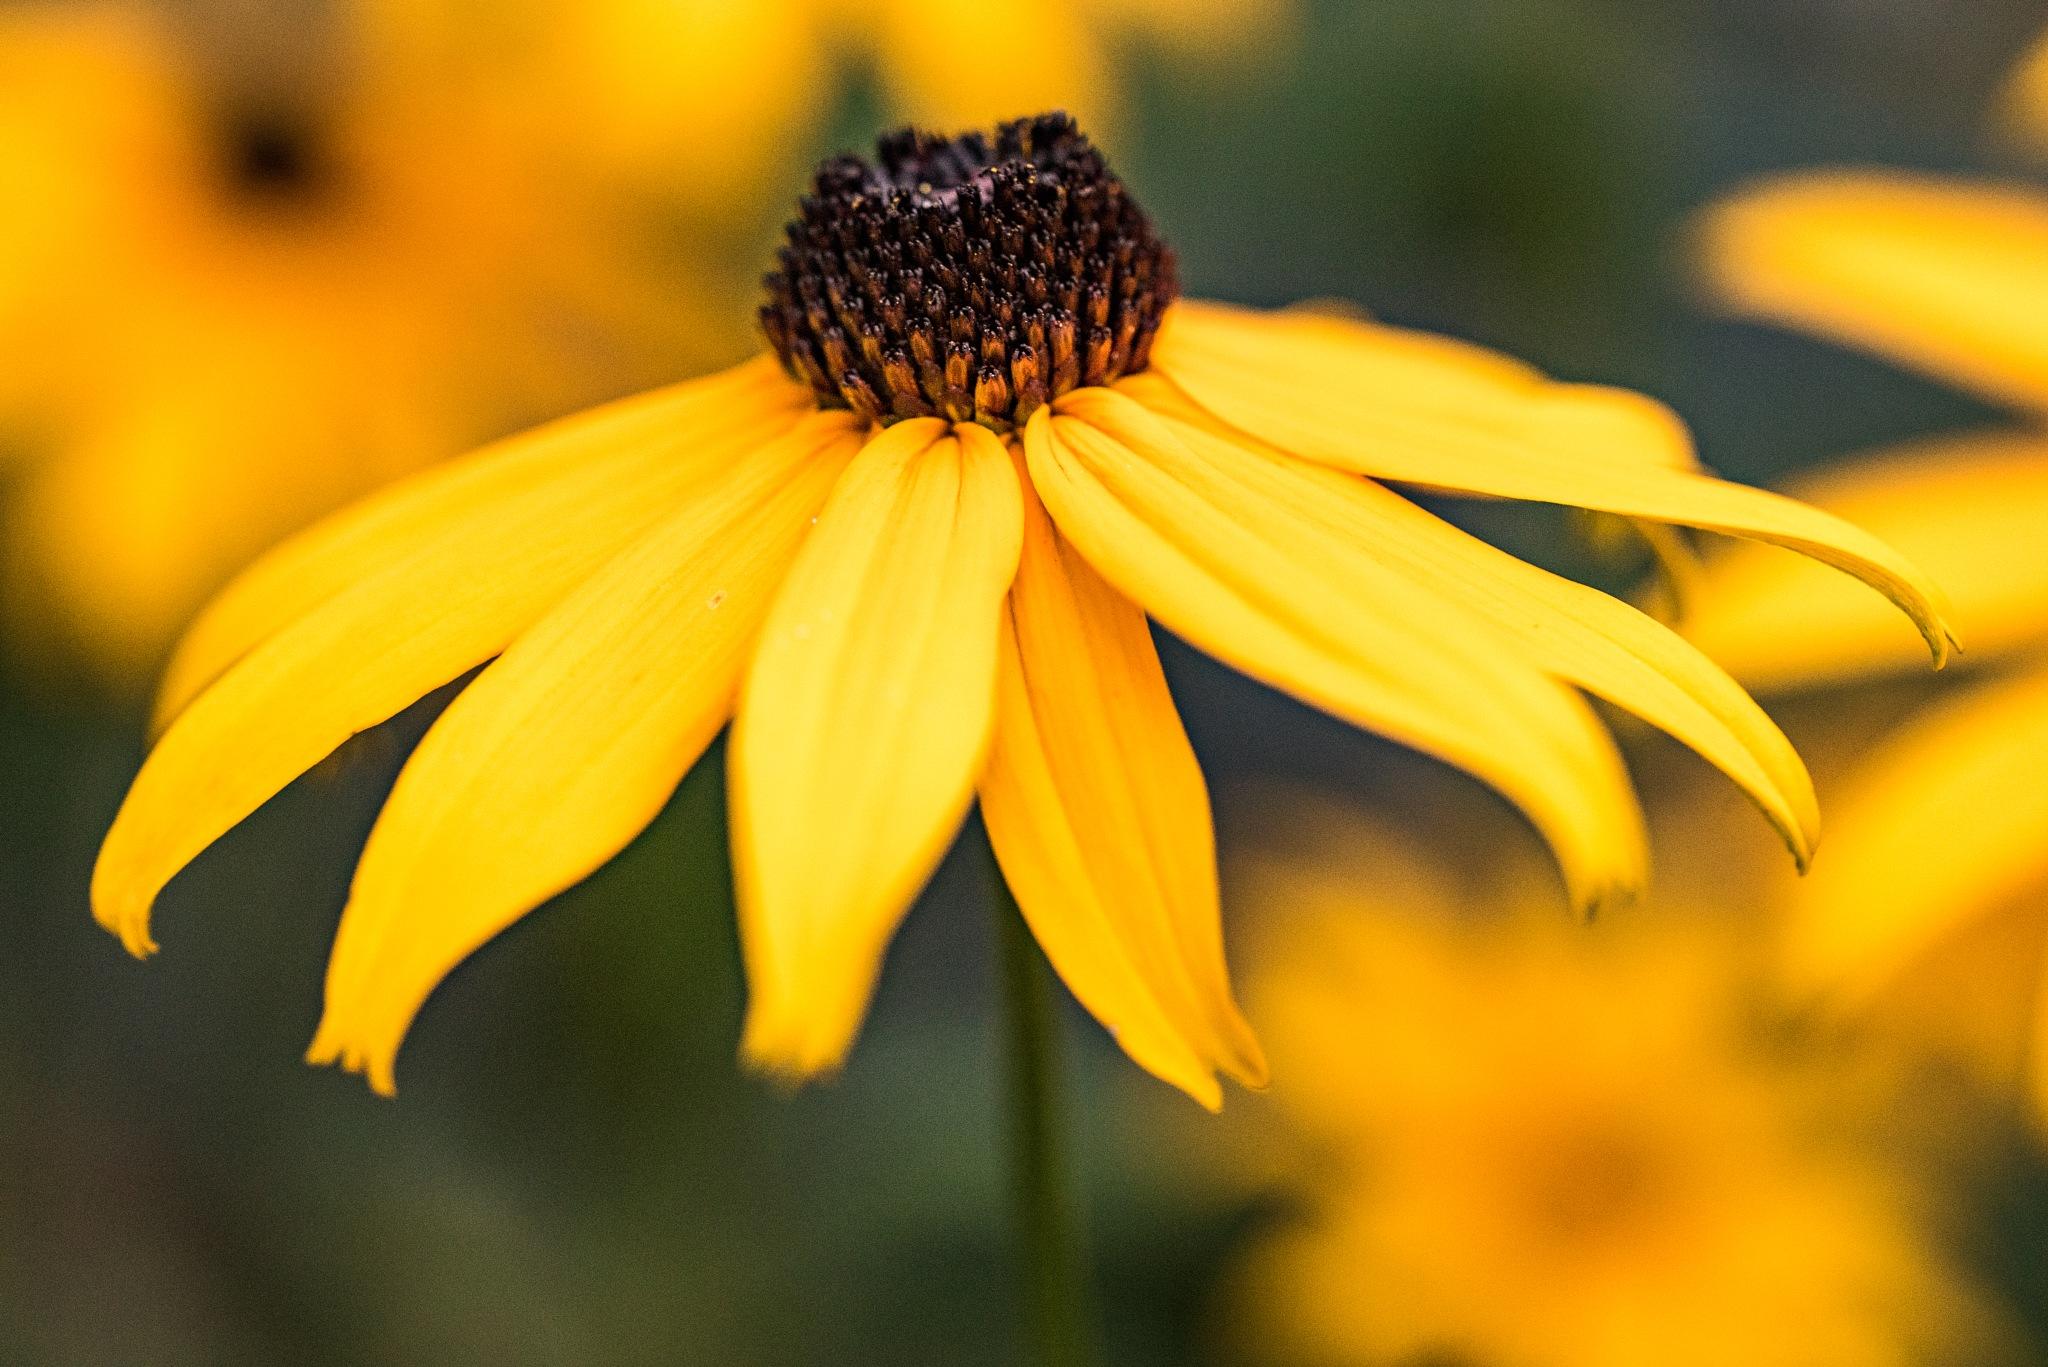 A Yellow Fellow by Gruca_joe